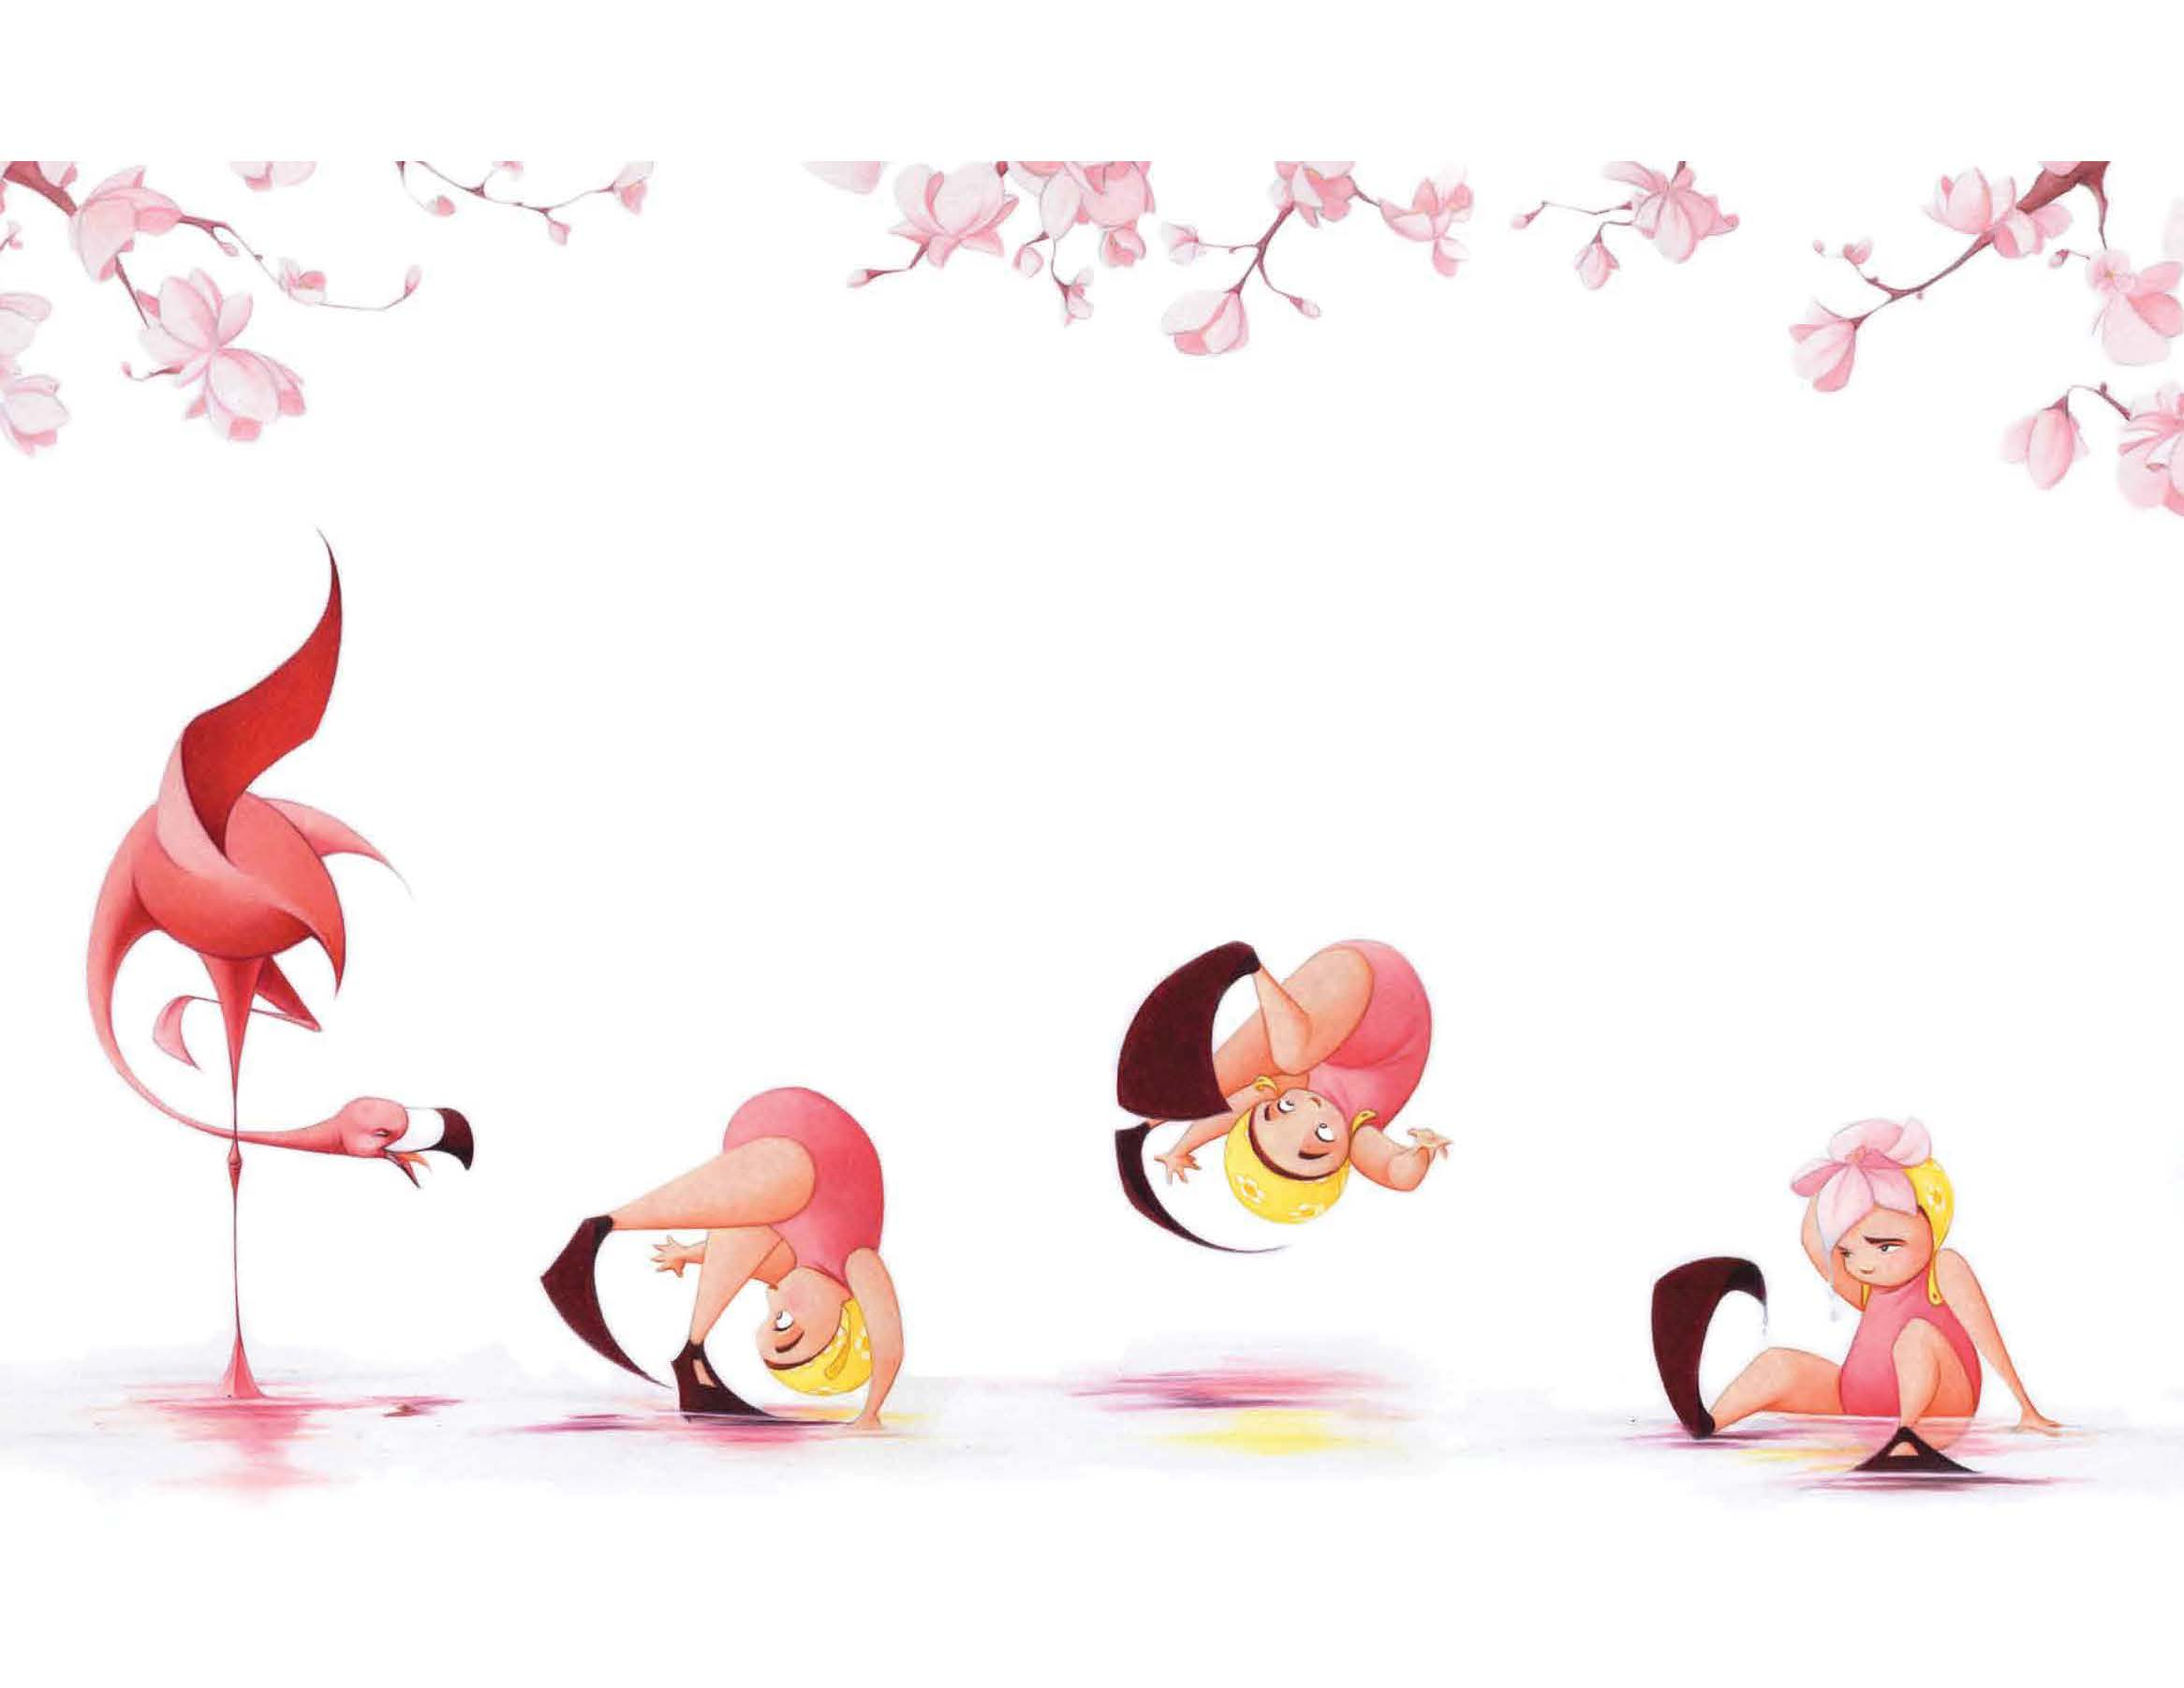 flora03._V376486691_.jpg